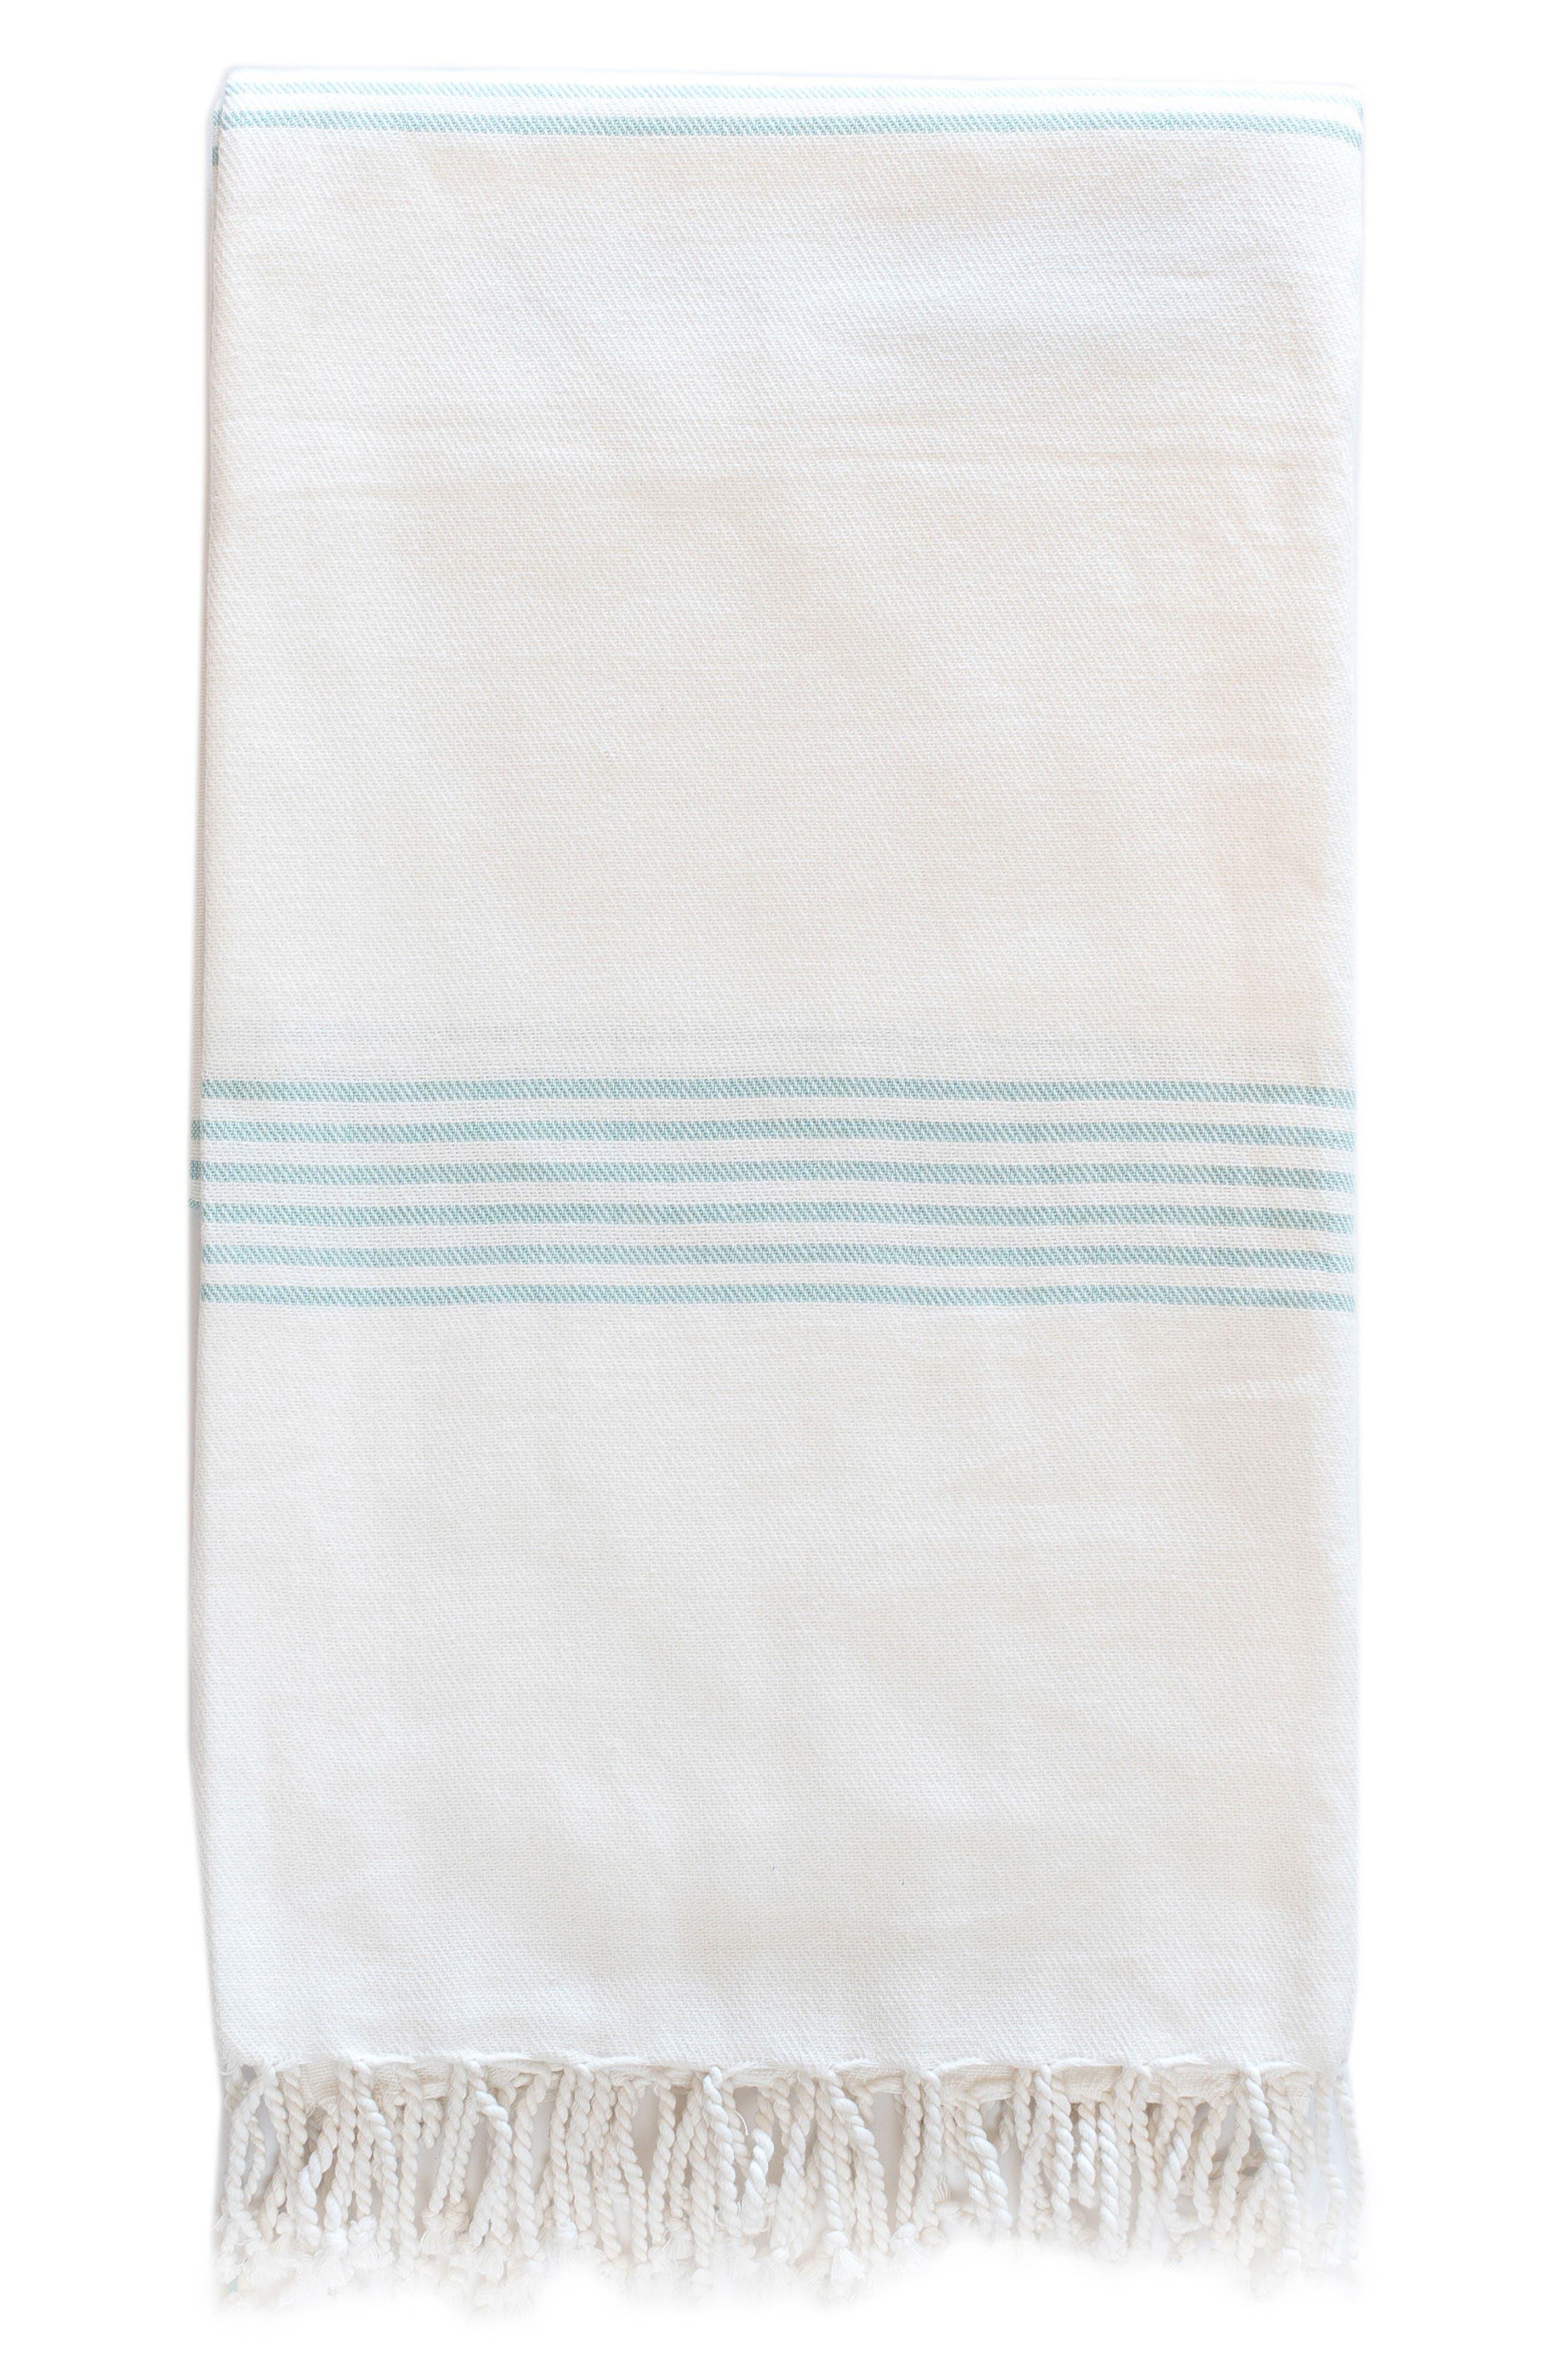 Alternate Image 1 Selected - zestt Hudson Throw Blanket